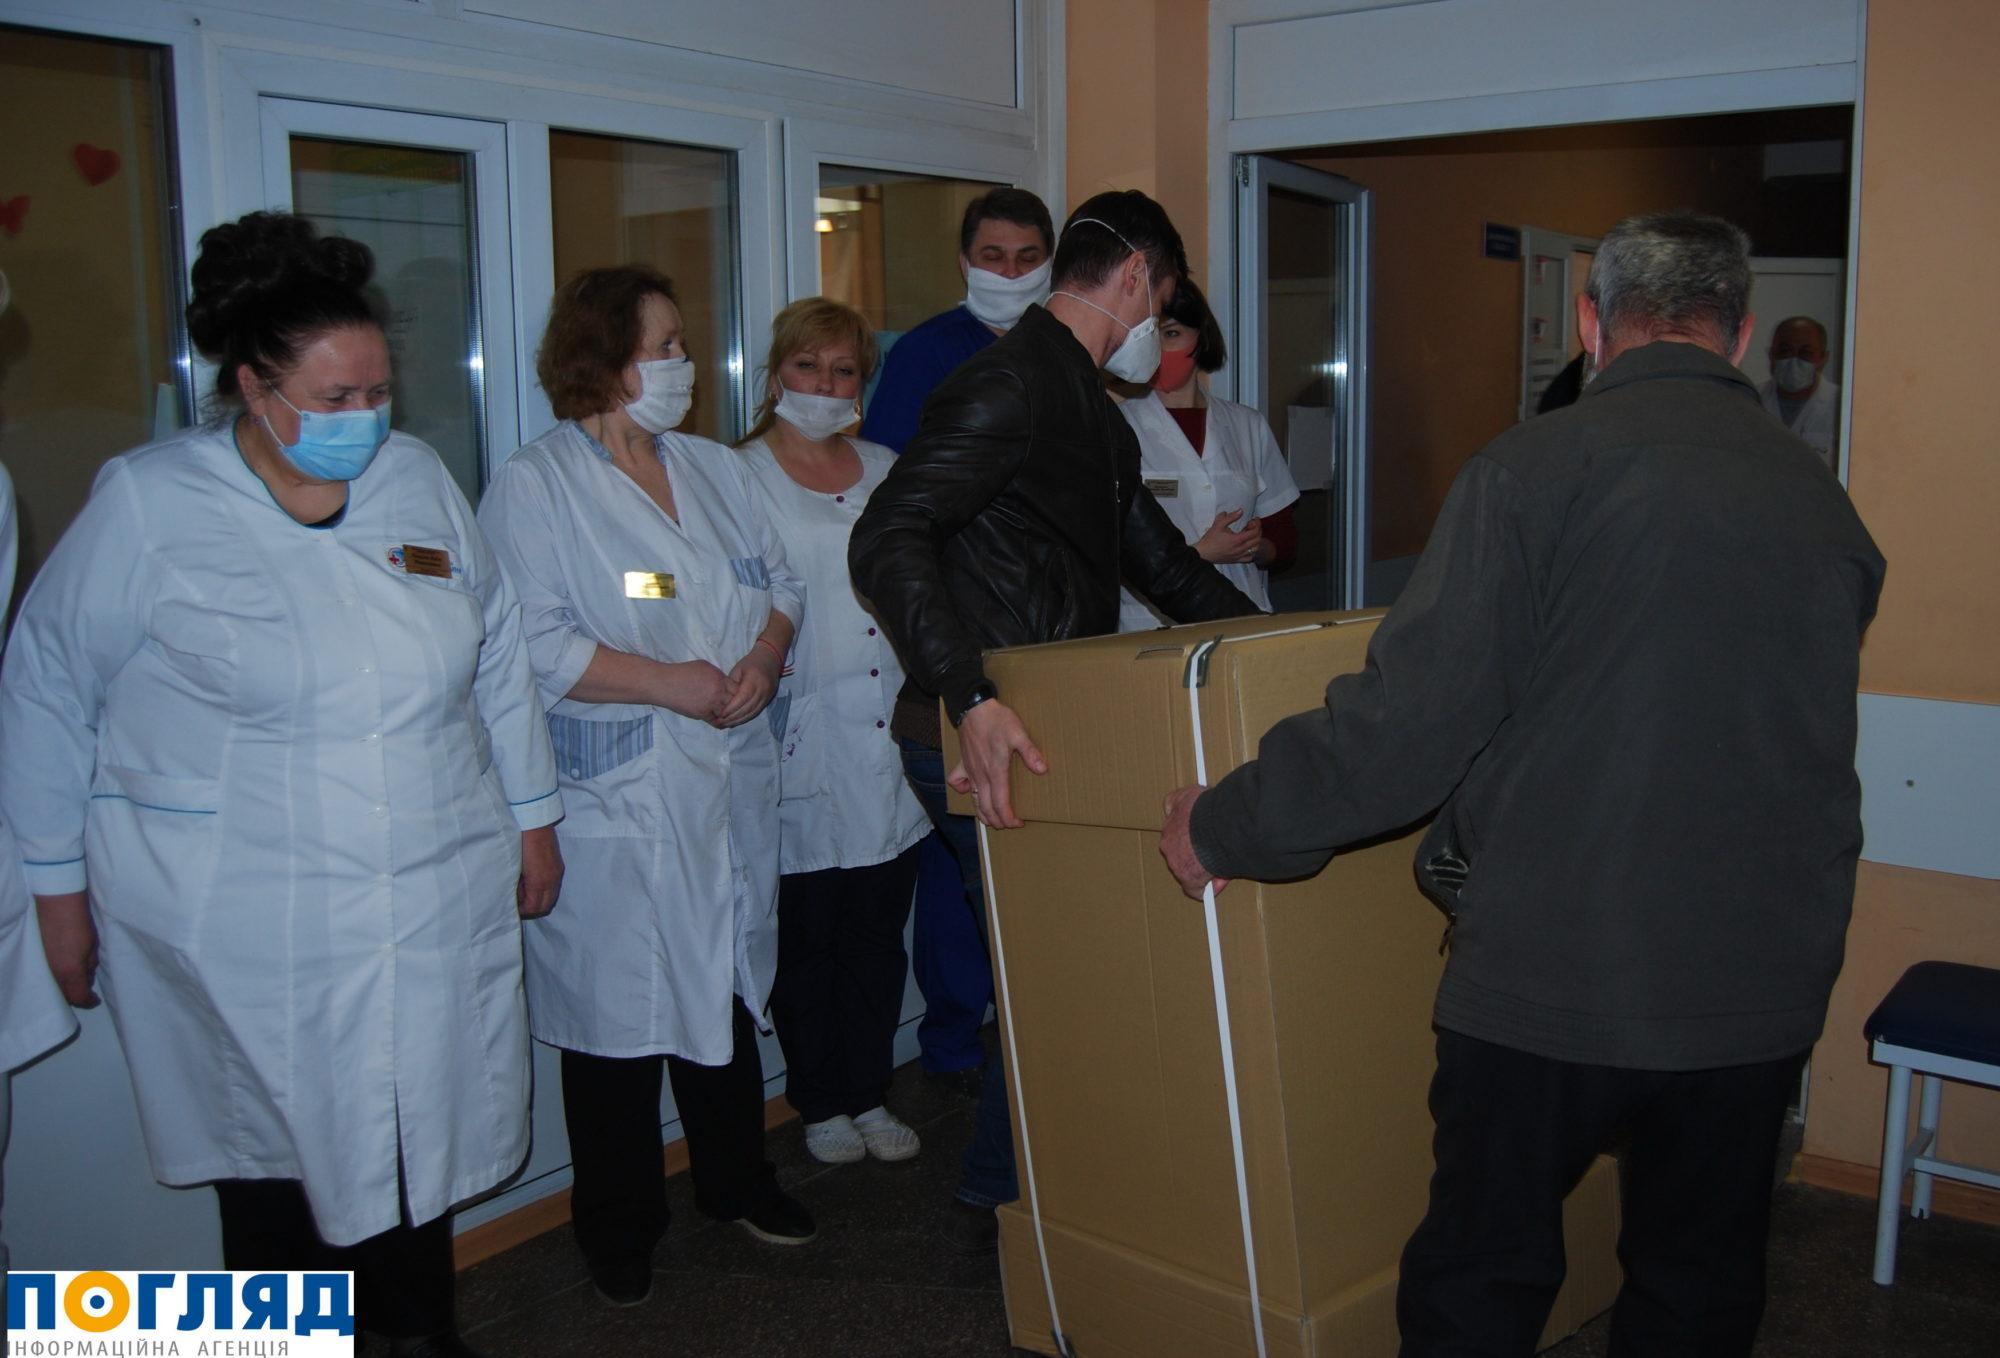 Васильківській лікарні меценат подарував 3 апарати ШВЛ – тепер їх 15 - ШВЛ, Васильків - 000DSC 4032 2000x1358